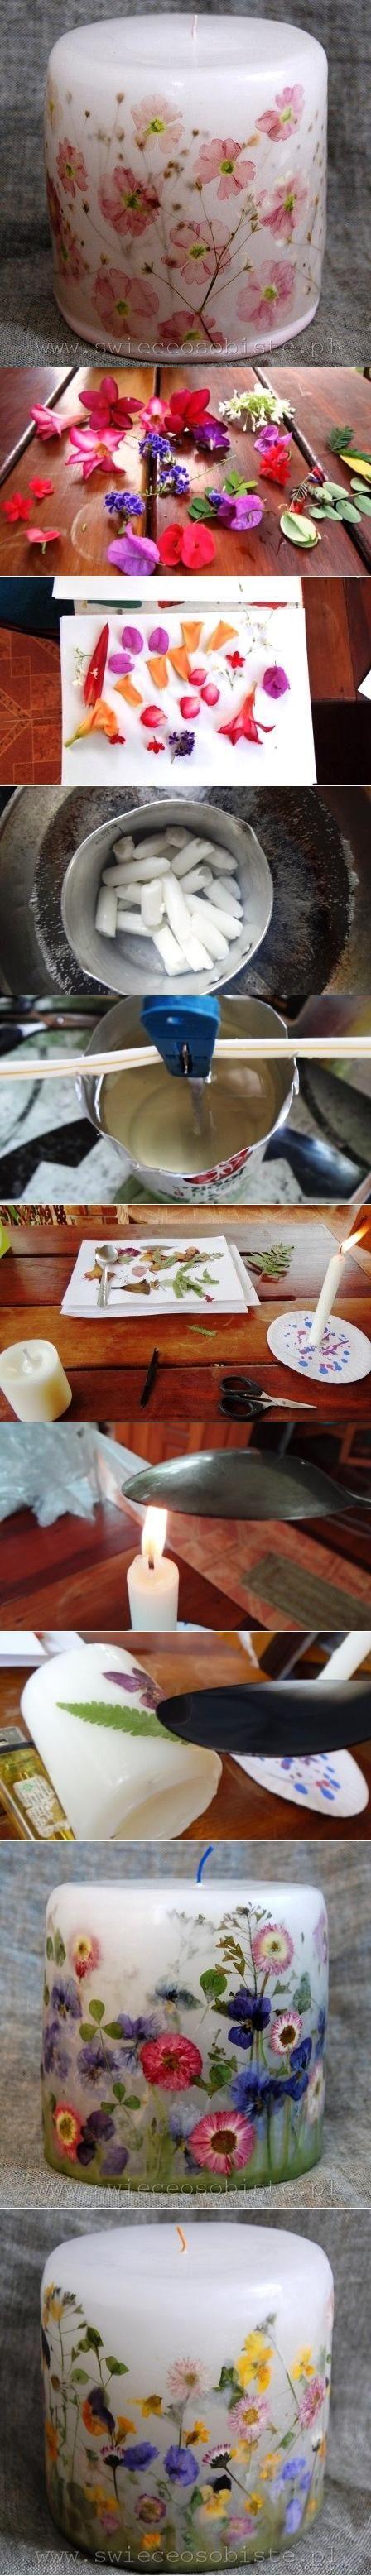 14 Hermosas maneras para convertir una vela en el mejor regalo